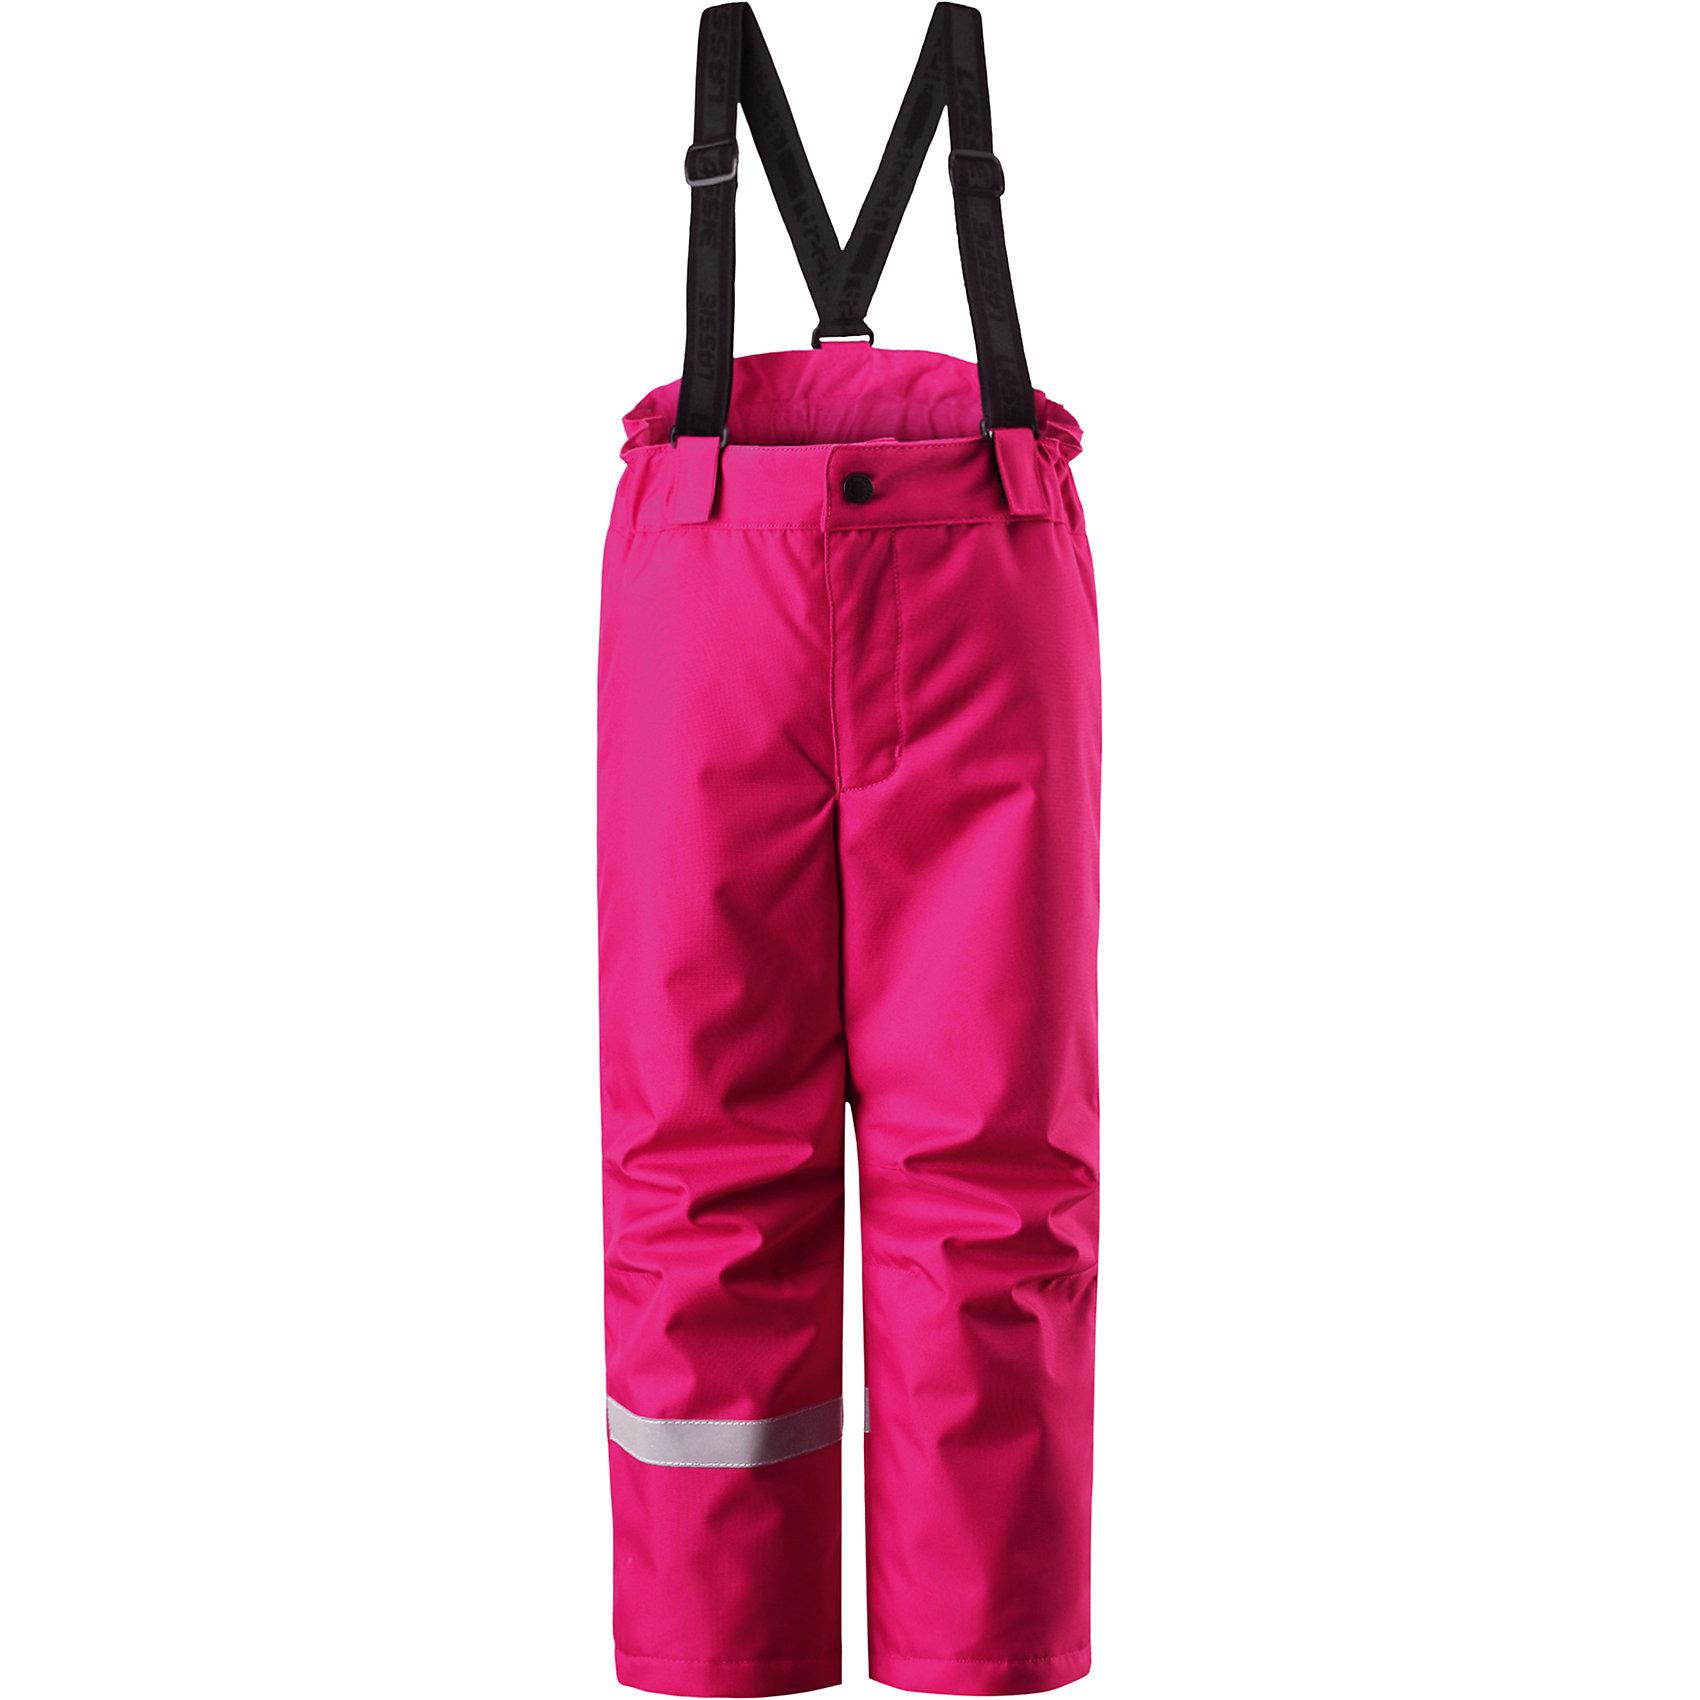 Брюки LASSIE by ReimaЗимние брюки для детей известной финской марки. <br><br>- Прочный материал. <br>- Водоотталкивающий, ветронепроницаемый, «дышащий» и грязеотталкивающий материал.<br>-  Задний серединный шов проклеен. свободный крой.<br>- Гладкая подкладка из полиэстра. <br>- Легкая степень утепления. <br>- Эластичный регулируемый обхват талии. <br>- Регулируемые брючины. Карманы в боковых швах.  <br><br>Рекомендации по уходу: Стирать по отдельности, вывернув наизнанку. Застегнуть молнии и липучки. Соблюдать температуру в соответствии с руководством по уходу. Стирать моющим средством, не содержащим отбеливающие вещества. Полоскать без специального средства. Сушение в сушильном шкафу разрешено при  низкой температуре.<br><br>Состав: 100% Полиамид, полиуретановое покрытие.  Утеплитель «Lassie wadding» 100гр.<br><br>Ширина мм: 215<br>Глубина мм: 88<br>Высота мм: 191<br>Вес г: 336<br>Цвет: розовый<br>Возраст от месяцев: 48<br>Возраст до месяцев: 60<br>Пол: Женский<br>Возраст: Детский<br>Размер: 110,104,98,92,140,134,128,122,116<br>SKU: 4781886